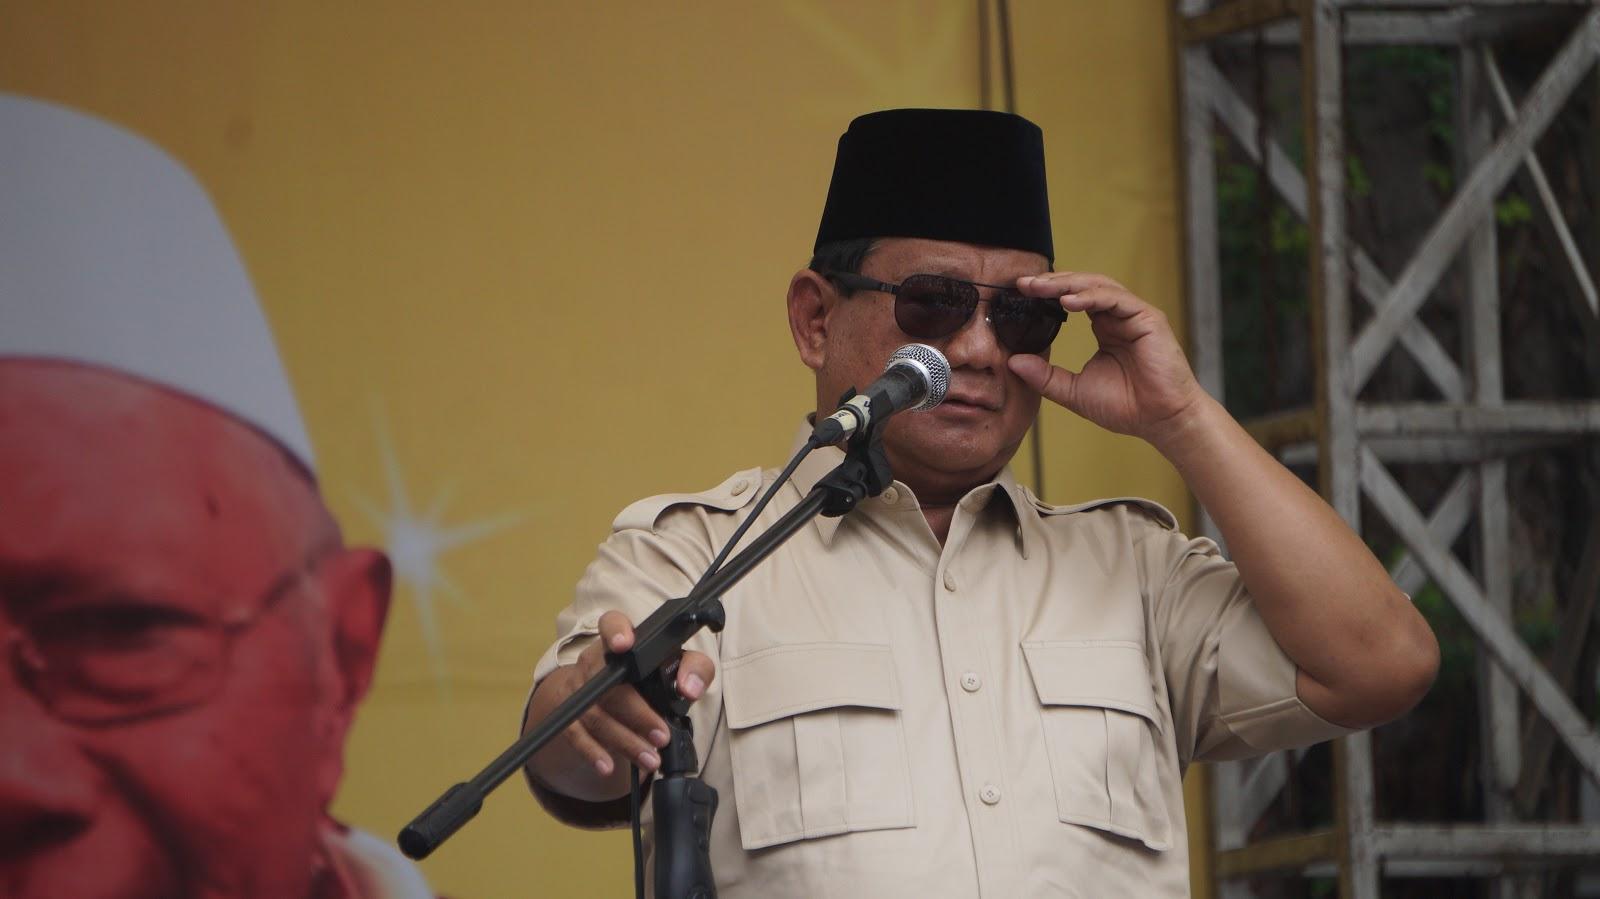 Khutbah yang Membuat Prabowo Menangis